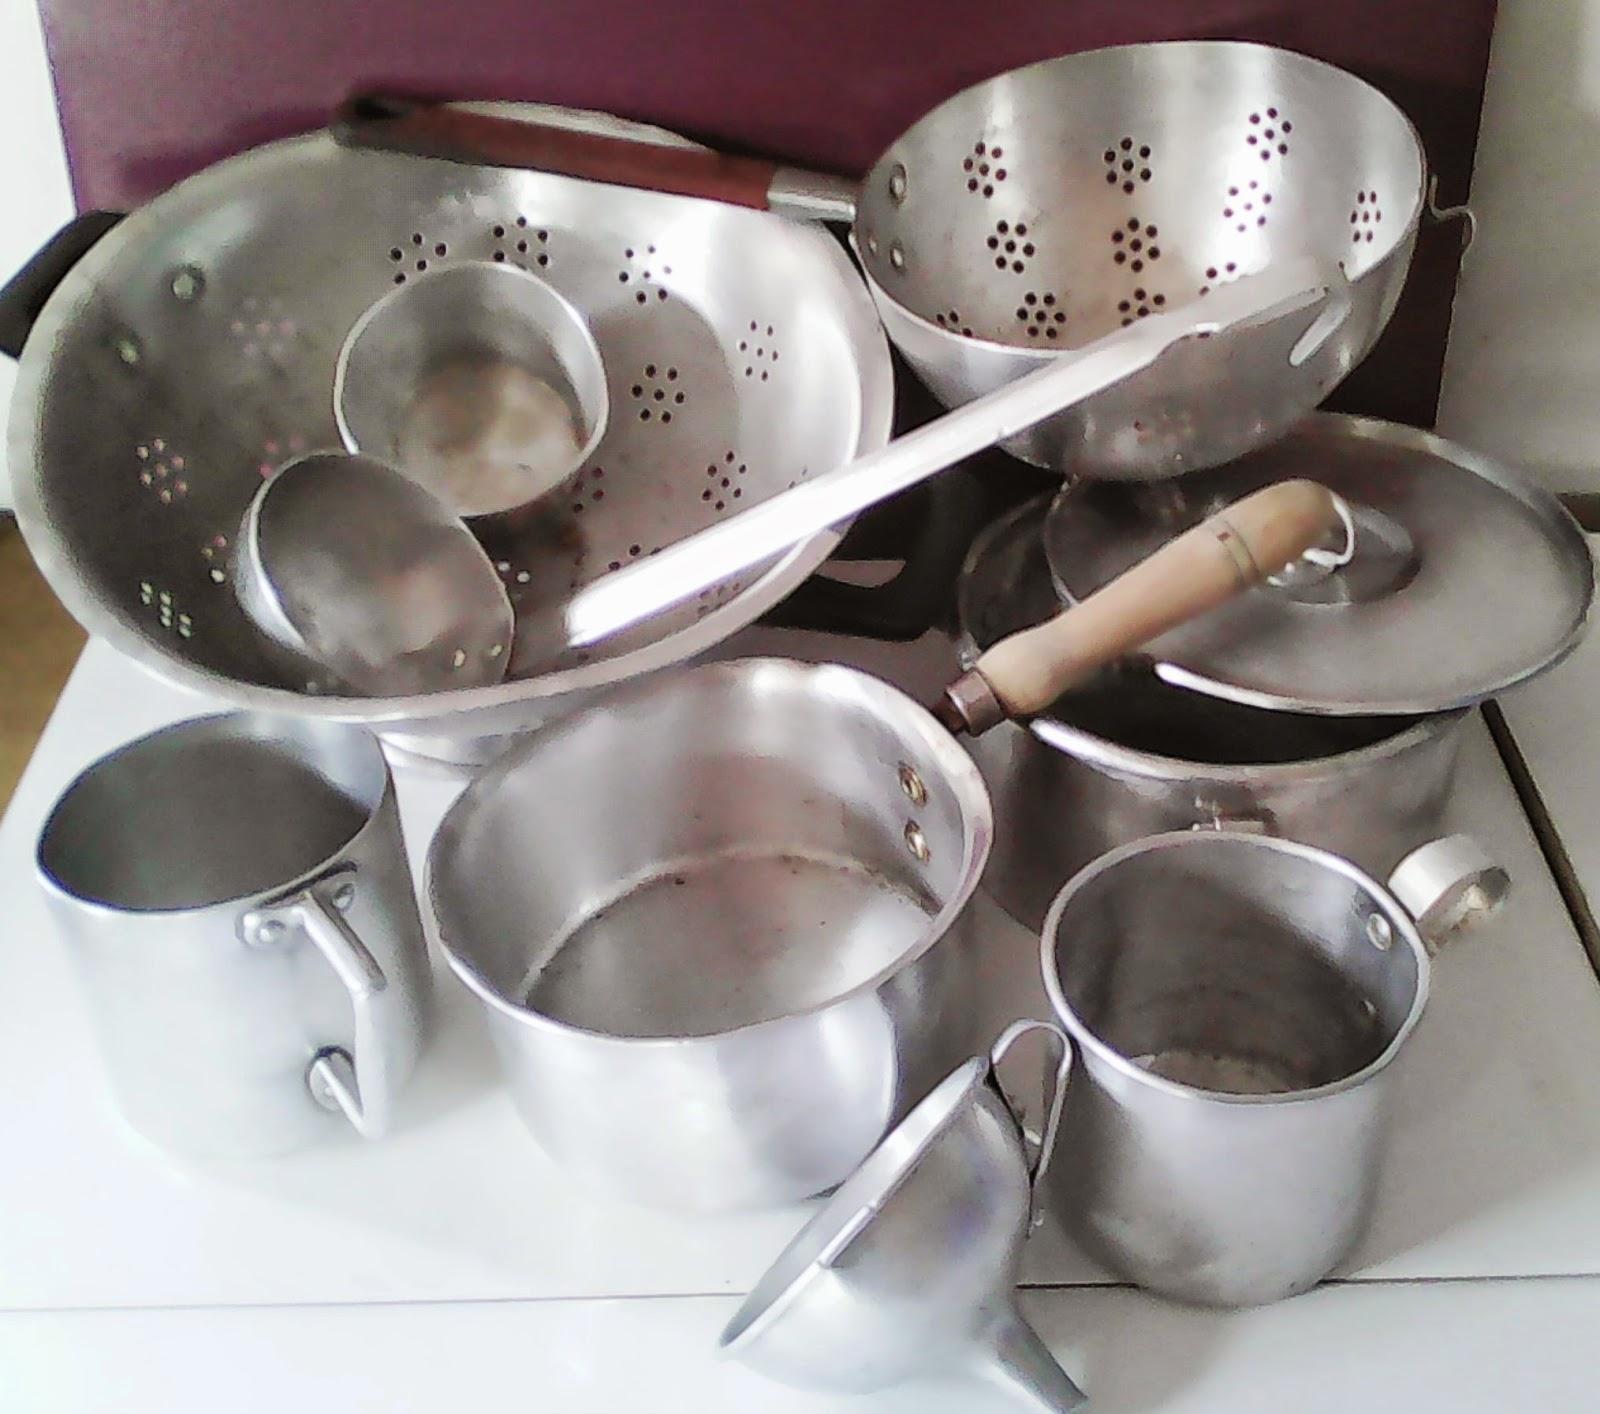 O desv n vintage do pereiro lote utensilios de cocina de for Utensilios medidores cocina